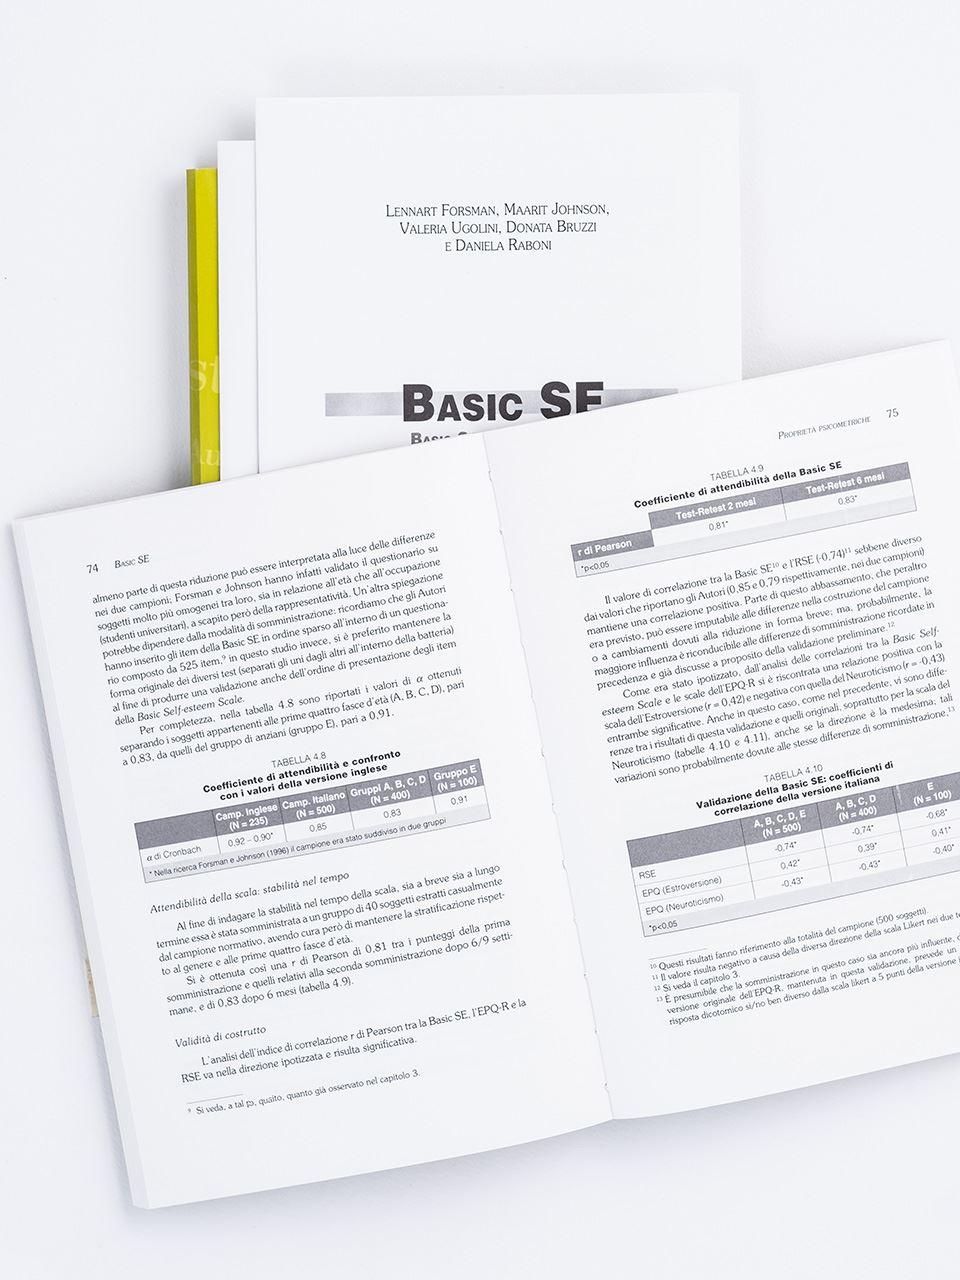 Basic SE Basic Self-Esteem Scale - Libri - Erickson 2